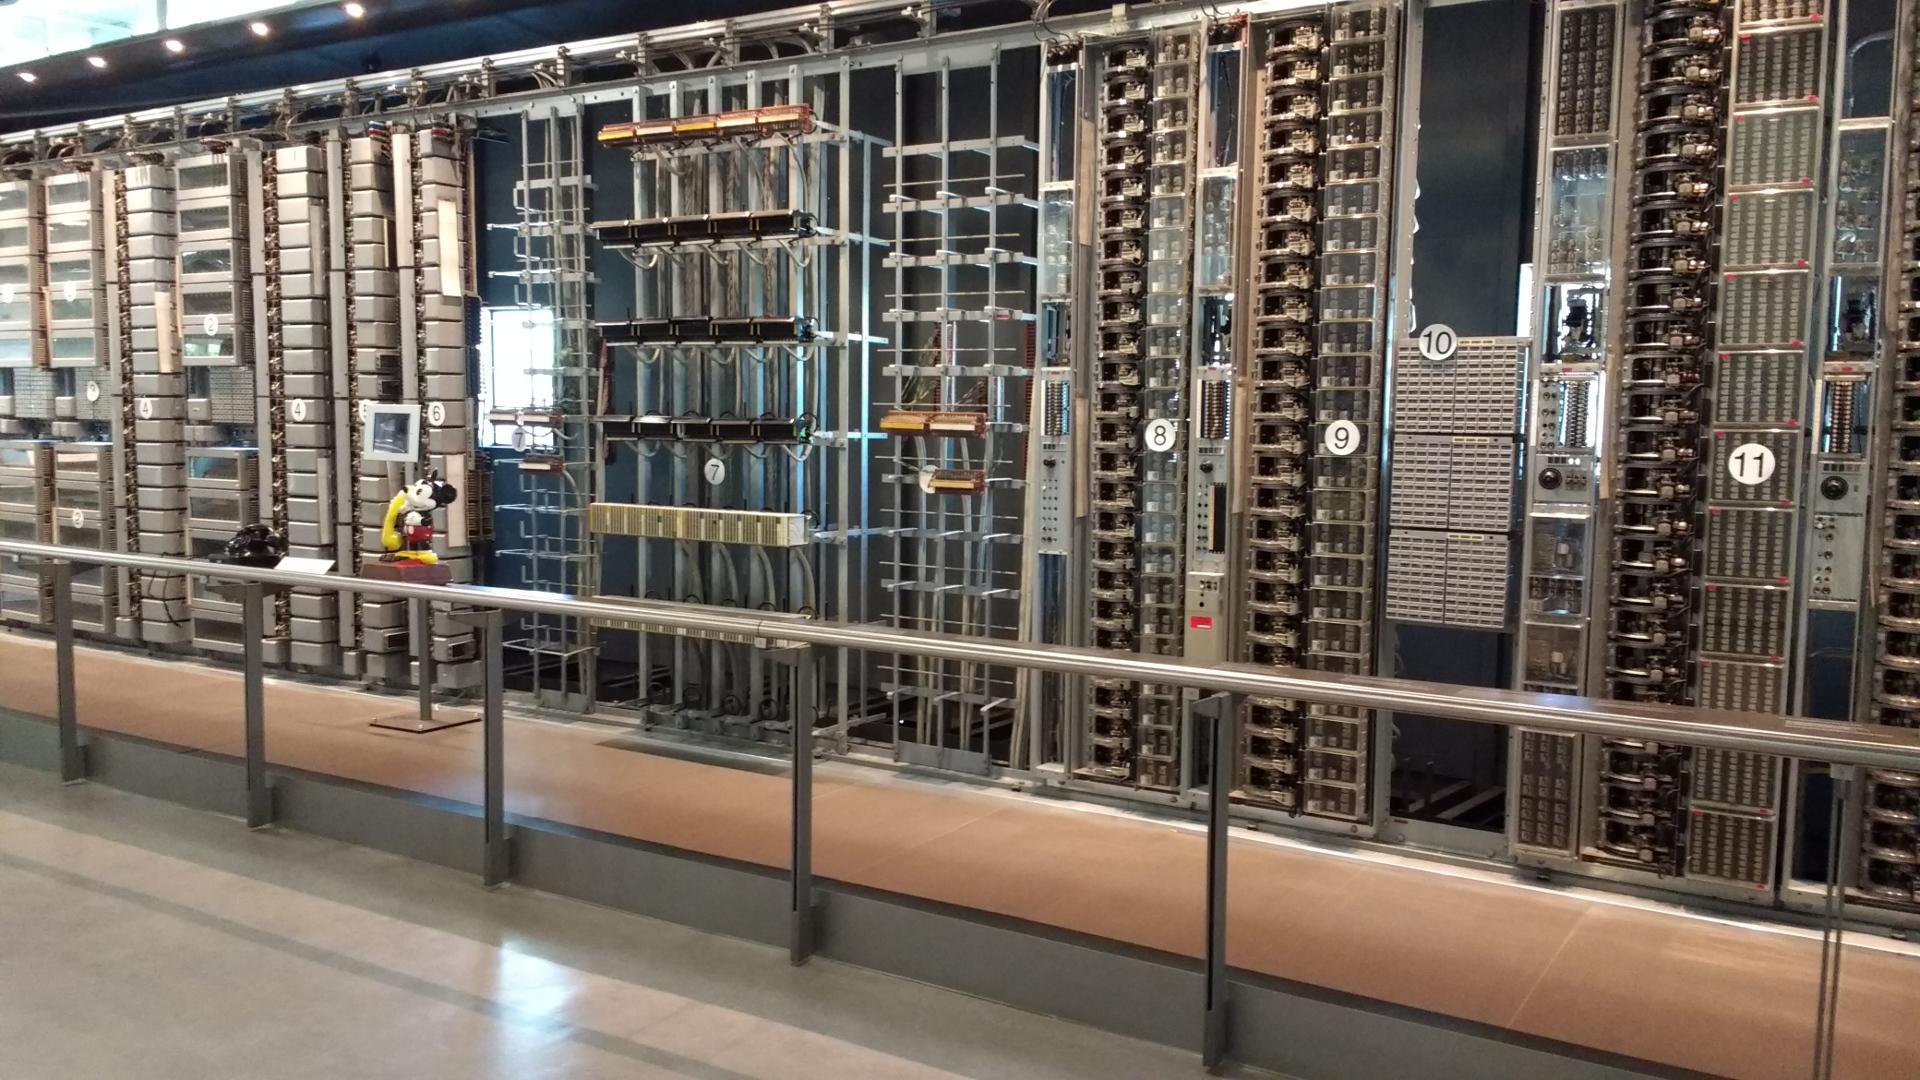 Wand mit mechanischer Telefonanlage